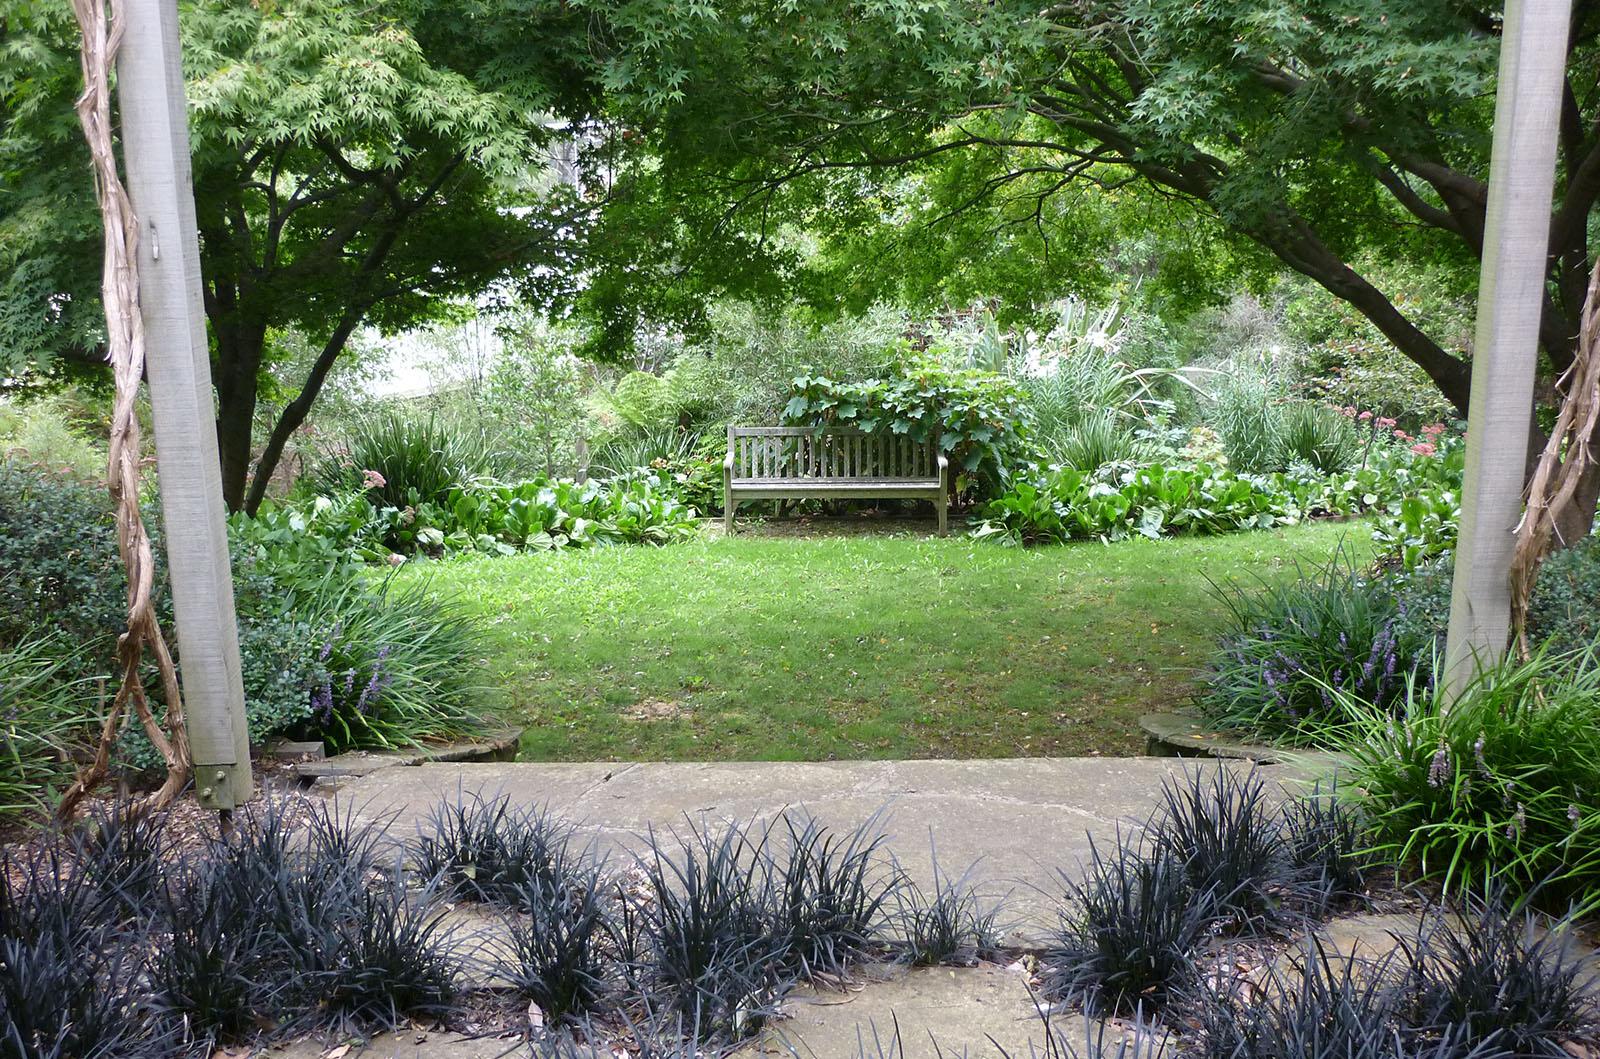 Garden in the Hills_0000s_0007_Vinen 5